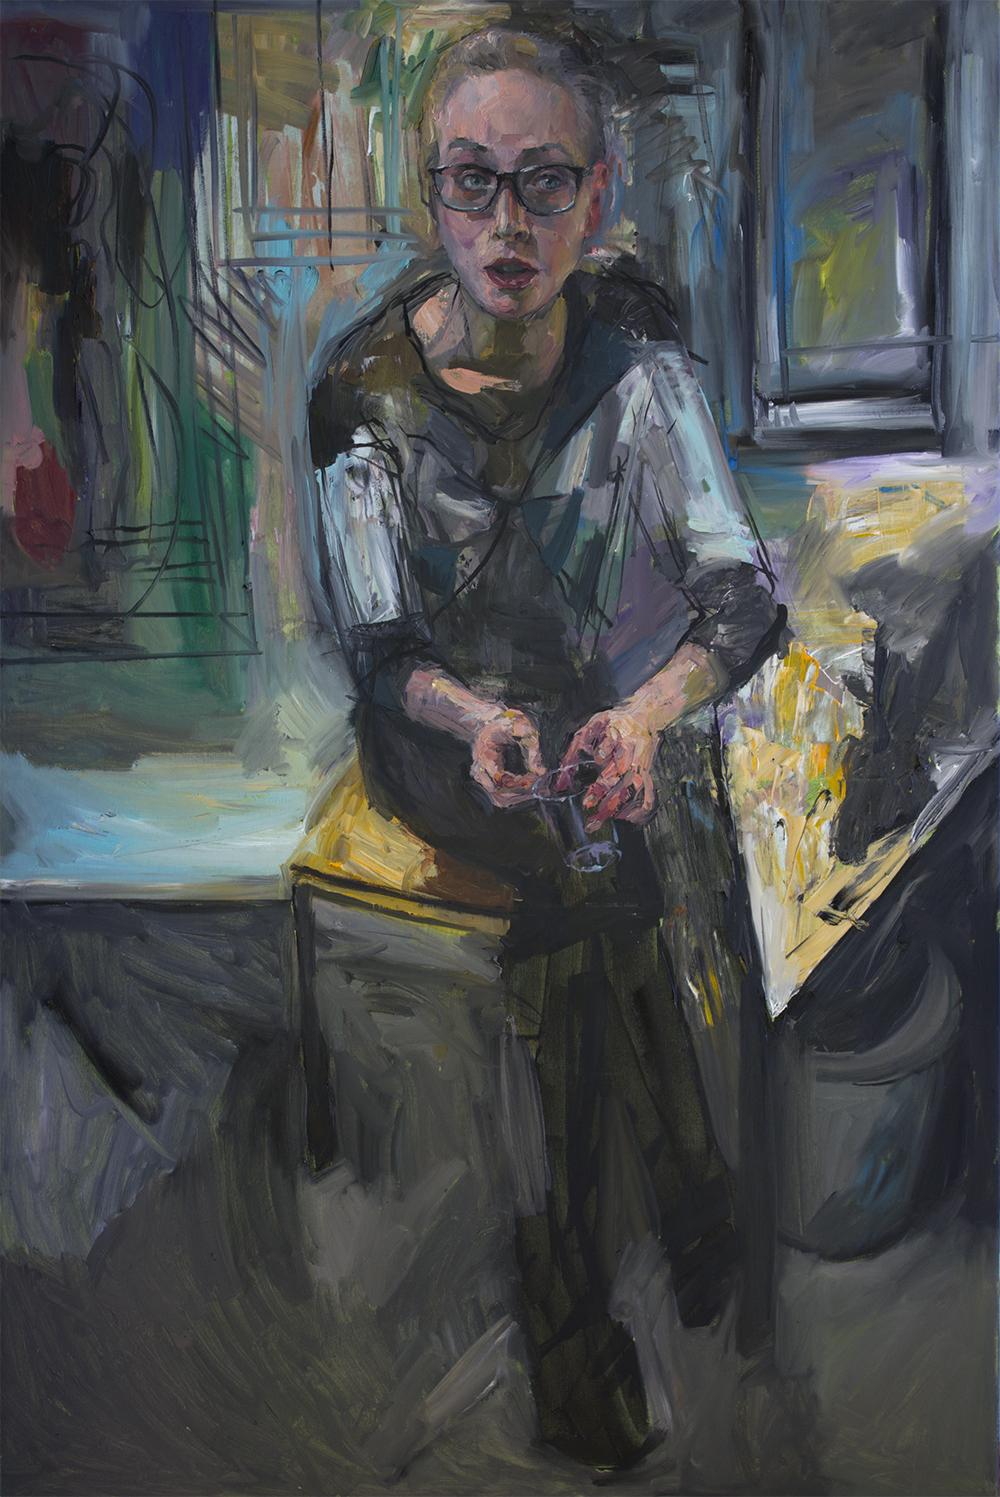 Hanna 2018 Oil on canvas 150 x 100cm